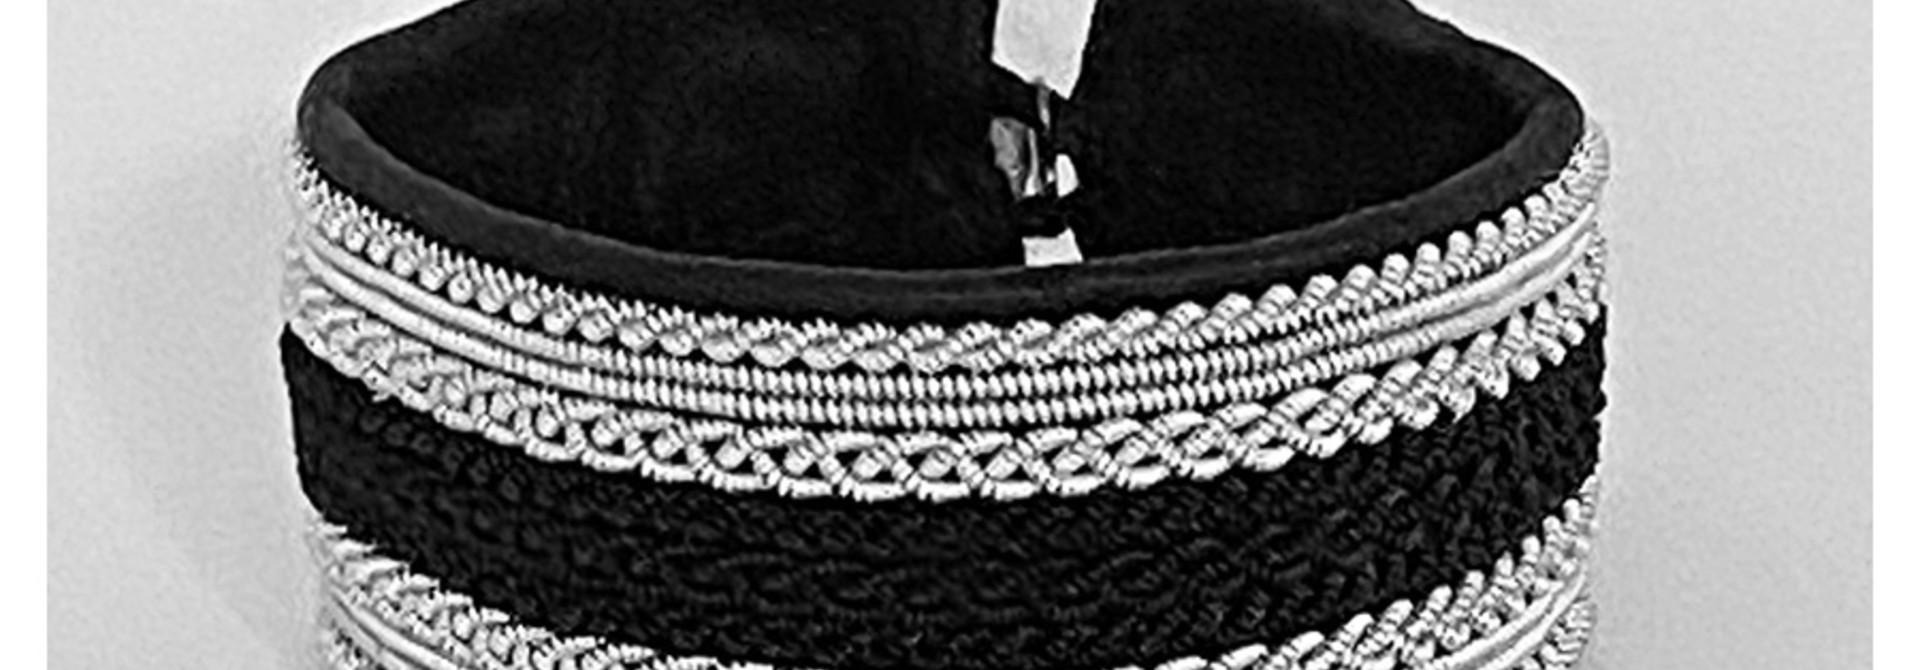 Sami Bracelet Hagar Black